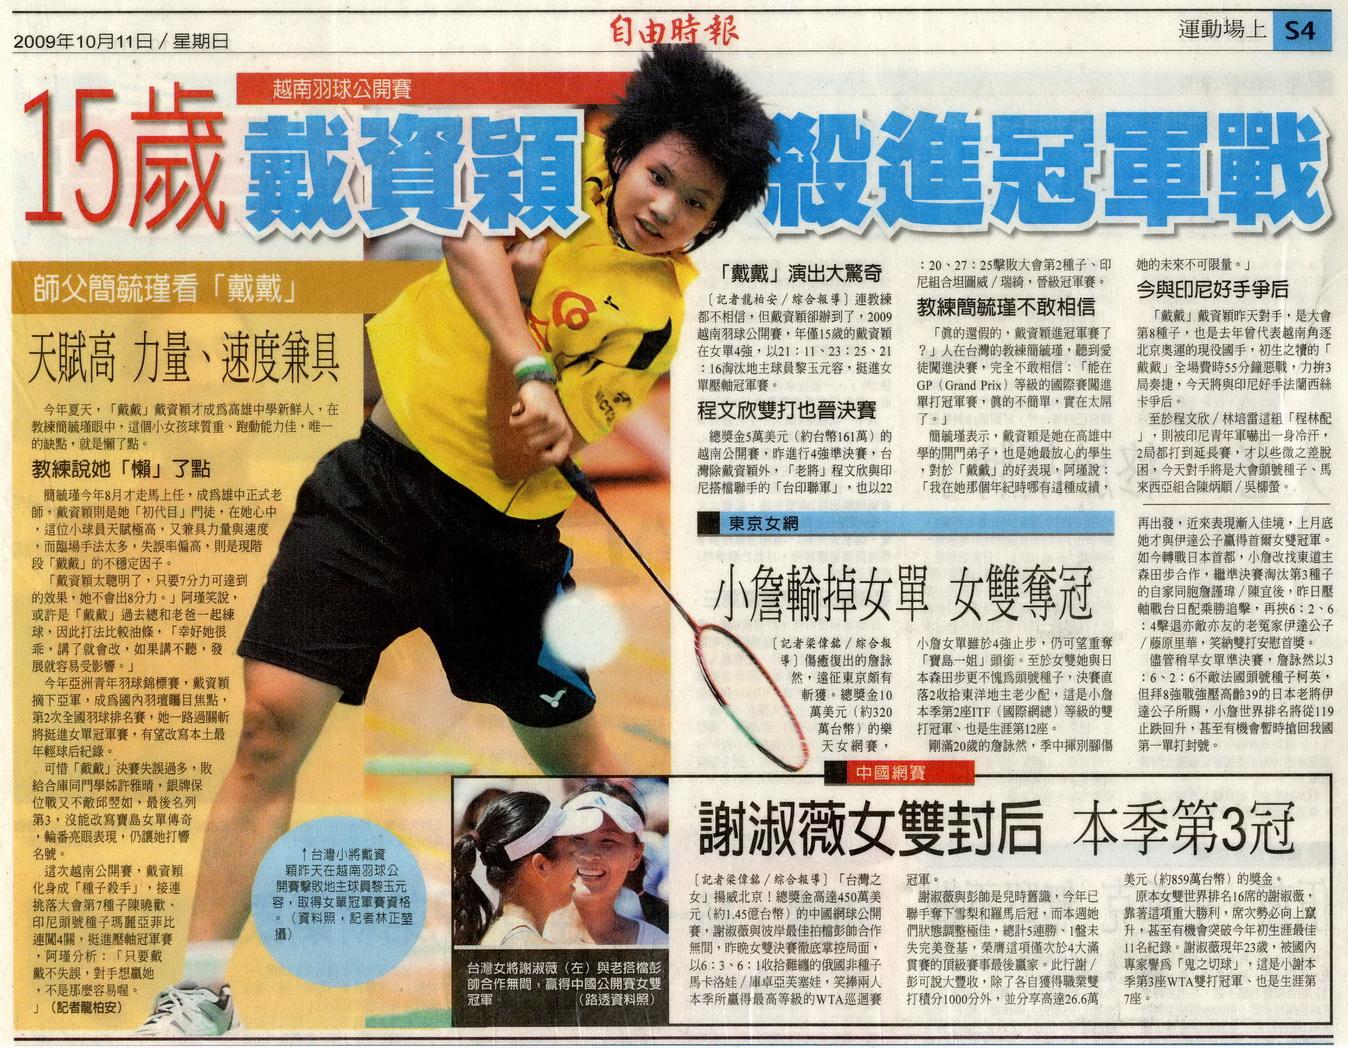 2009越南羽球公開賽 戴資穎殺進冠軍戰